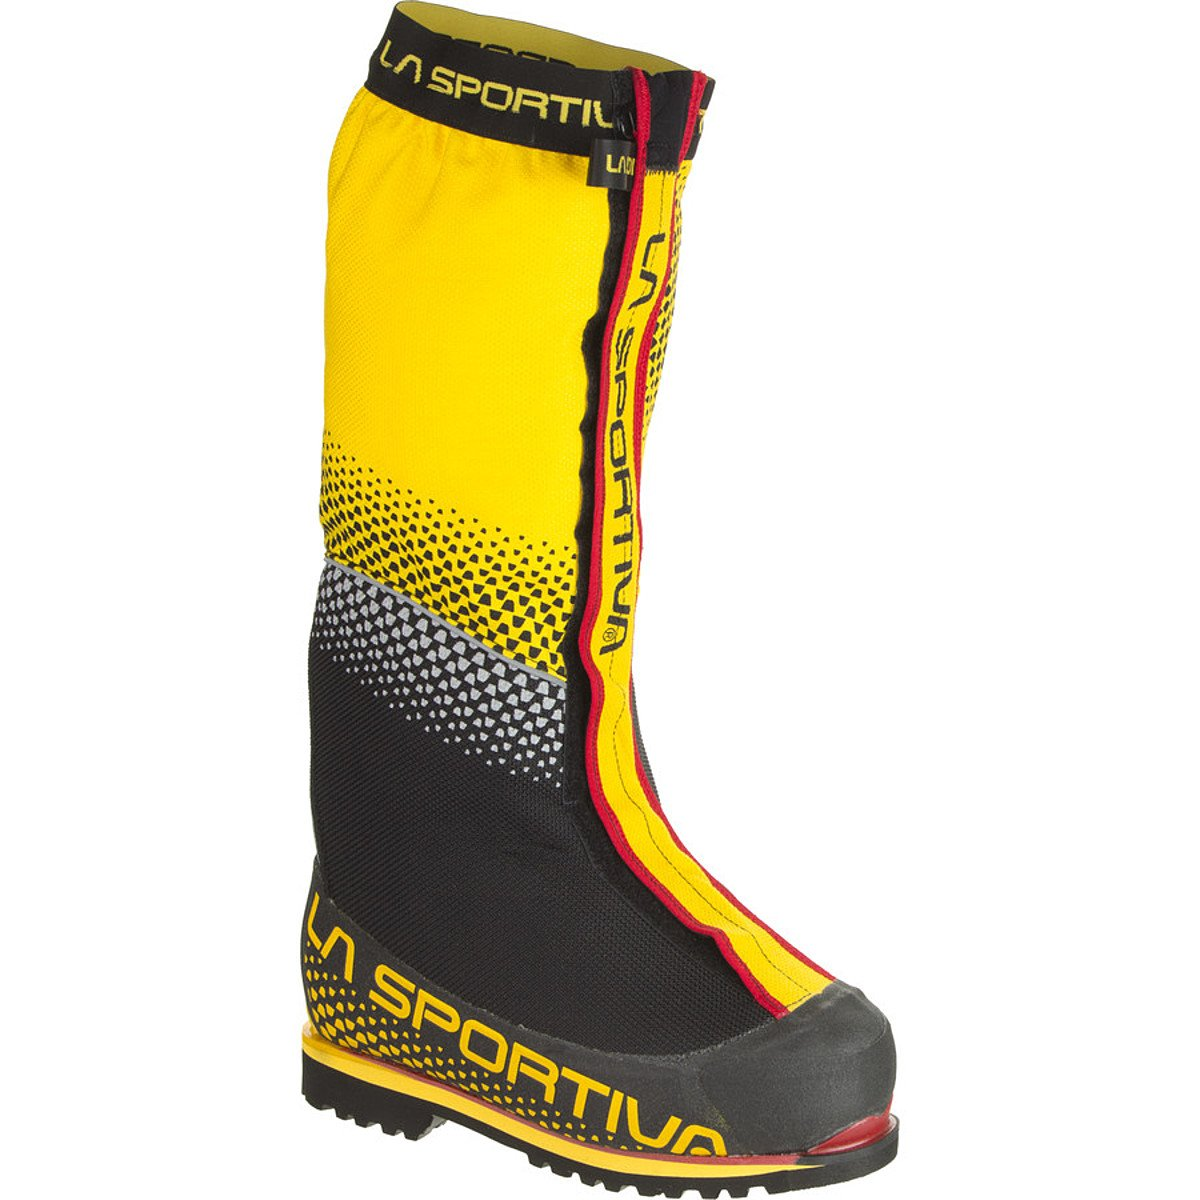 魅力的な [La Sportiva] メンズ Olympus メンズ Mons Evo Mtneer Mtneer - Boot - Men's B00197WUKG 43|イエロー/ブラック イエロー/ブラック 43, はんこと表札の畑正:23e5b1aa --- classikaplus.ru